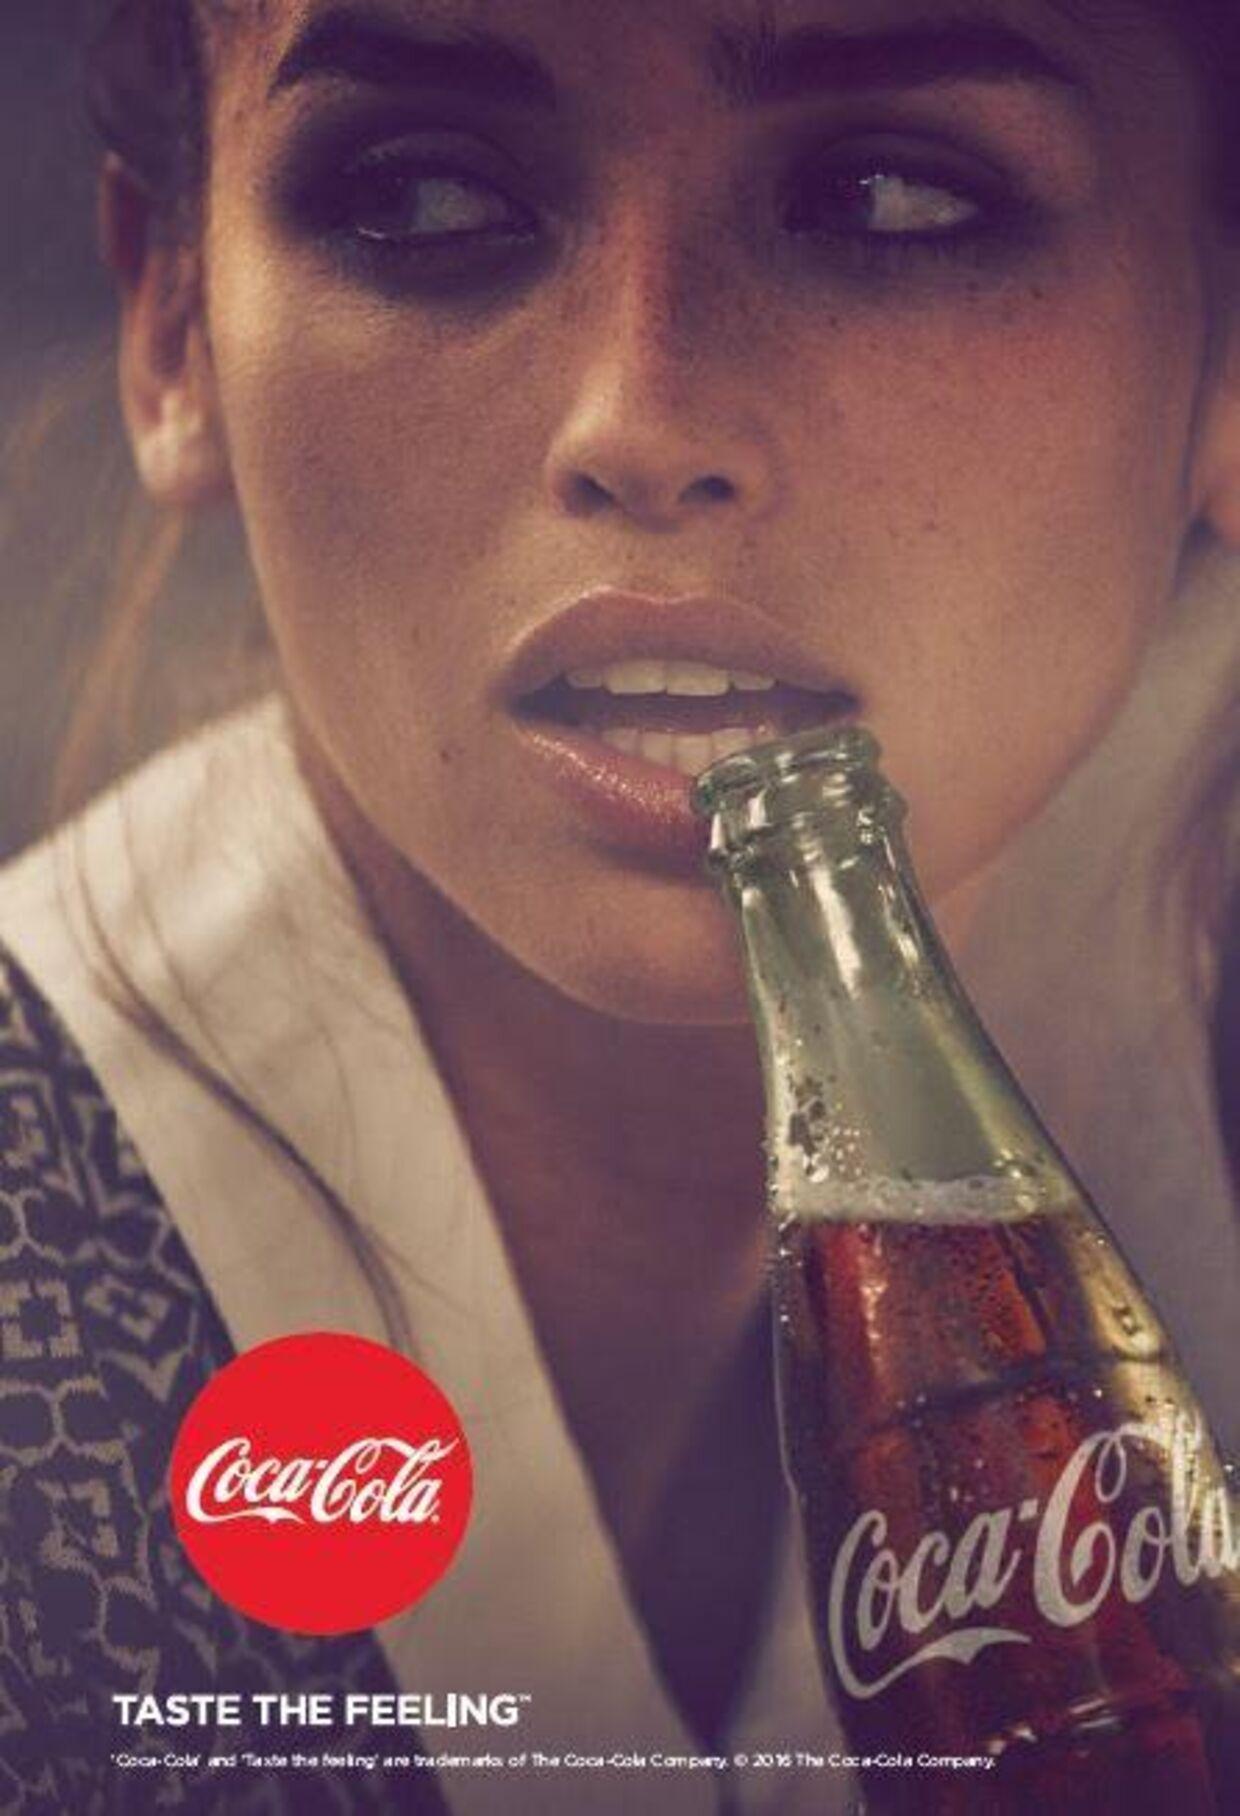 Foto: Coca-Cola.